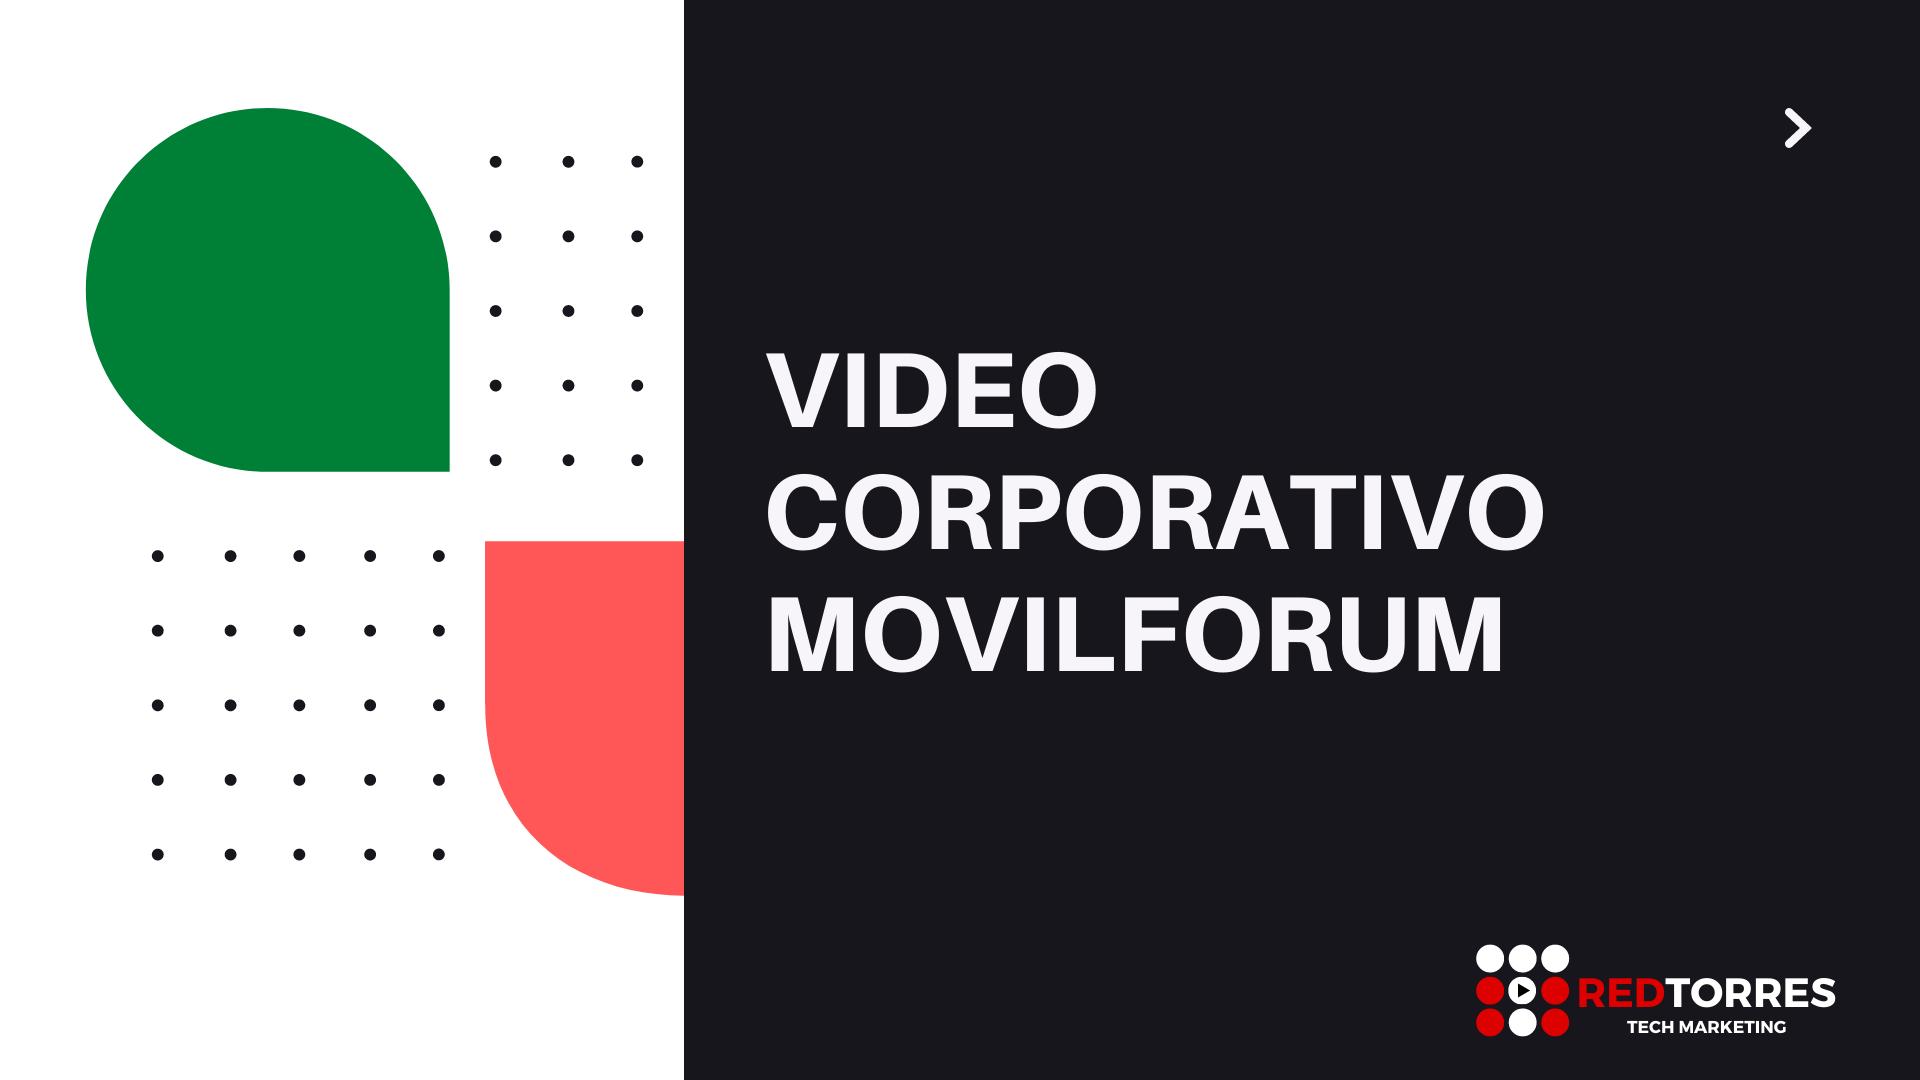 movilforum Video Corporativo | Guión y locución | REDTORRES